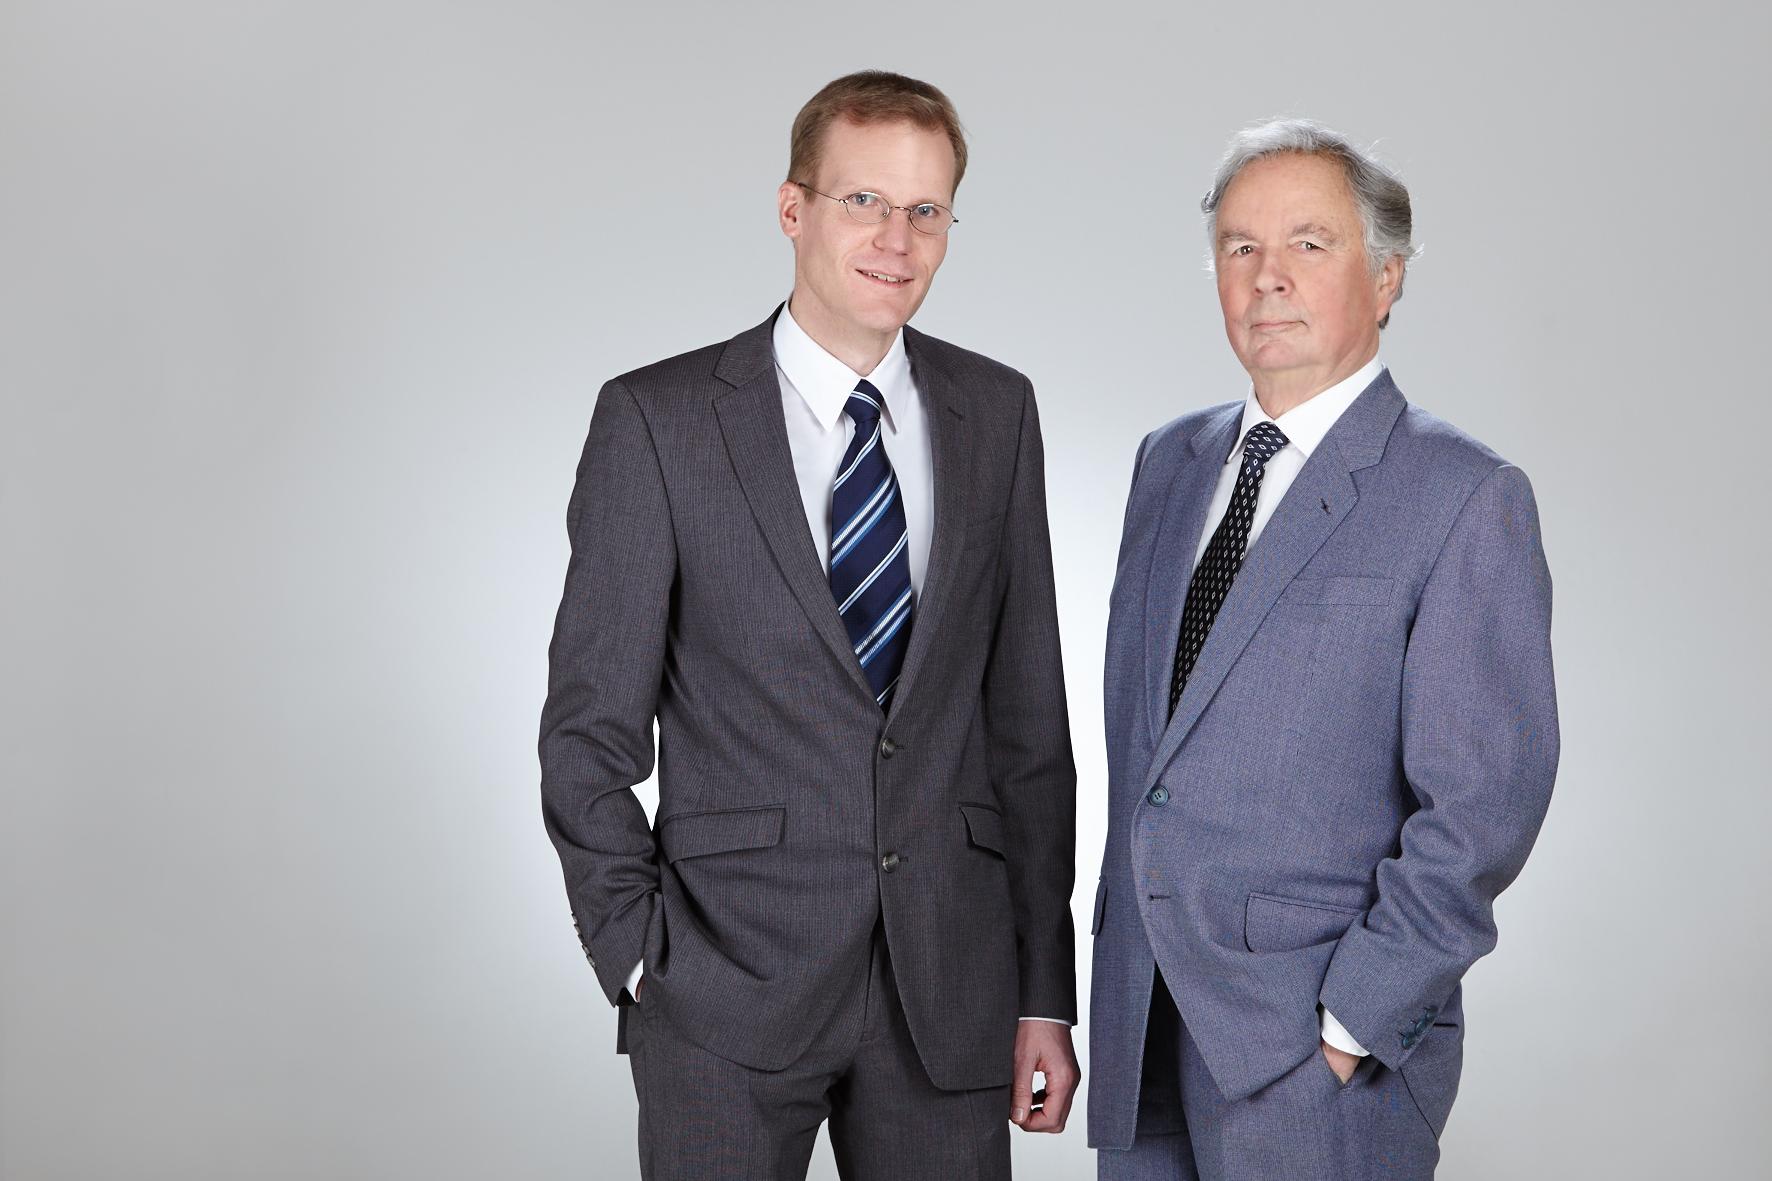 Dr.-Ing. Albert J. Wimmer und Dipl.-Ing. Rudolf Stegherr von Isar Getriebetechnik